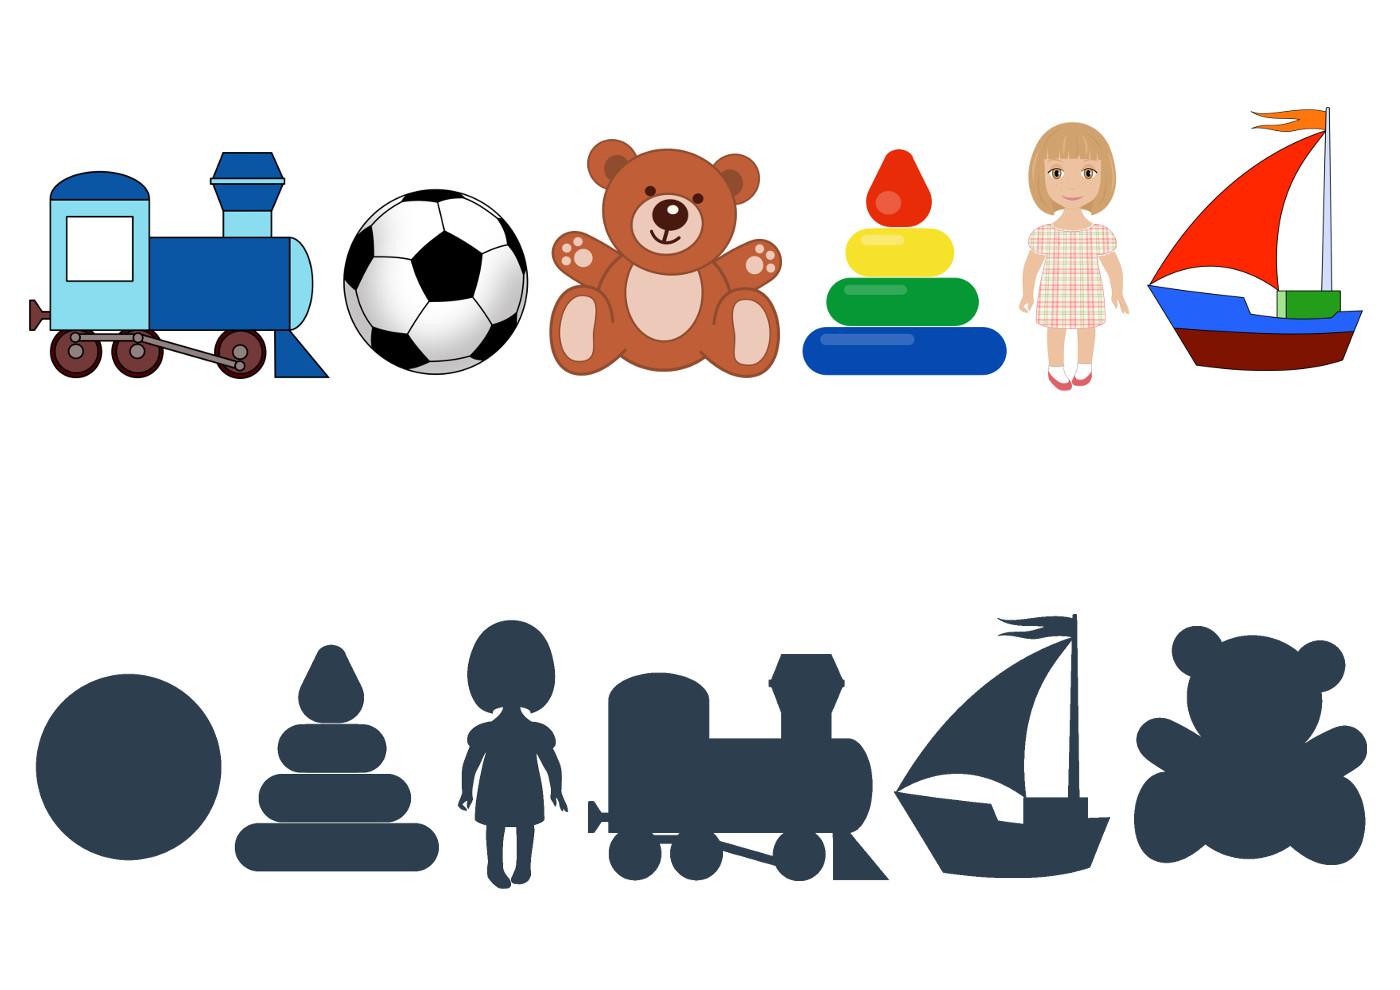 Картинки игрушек на занятие по теме игрушки